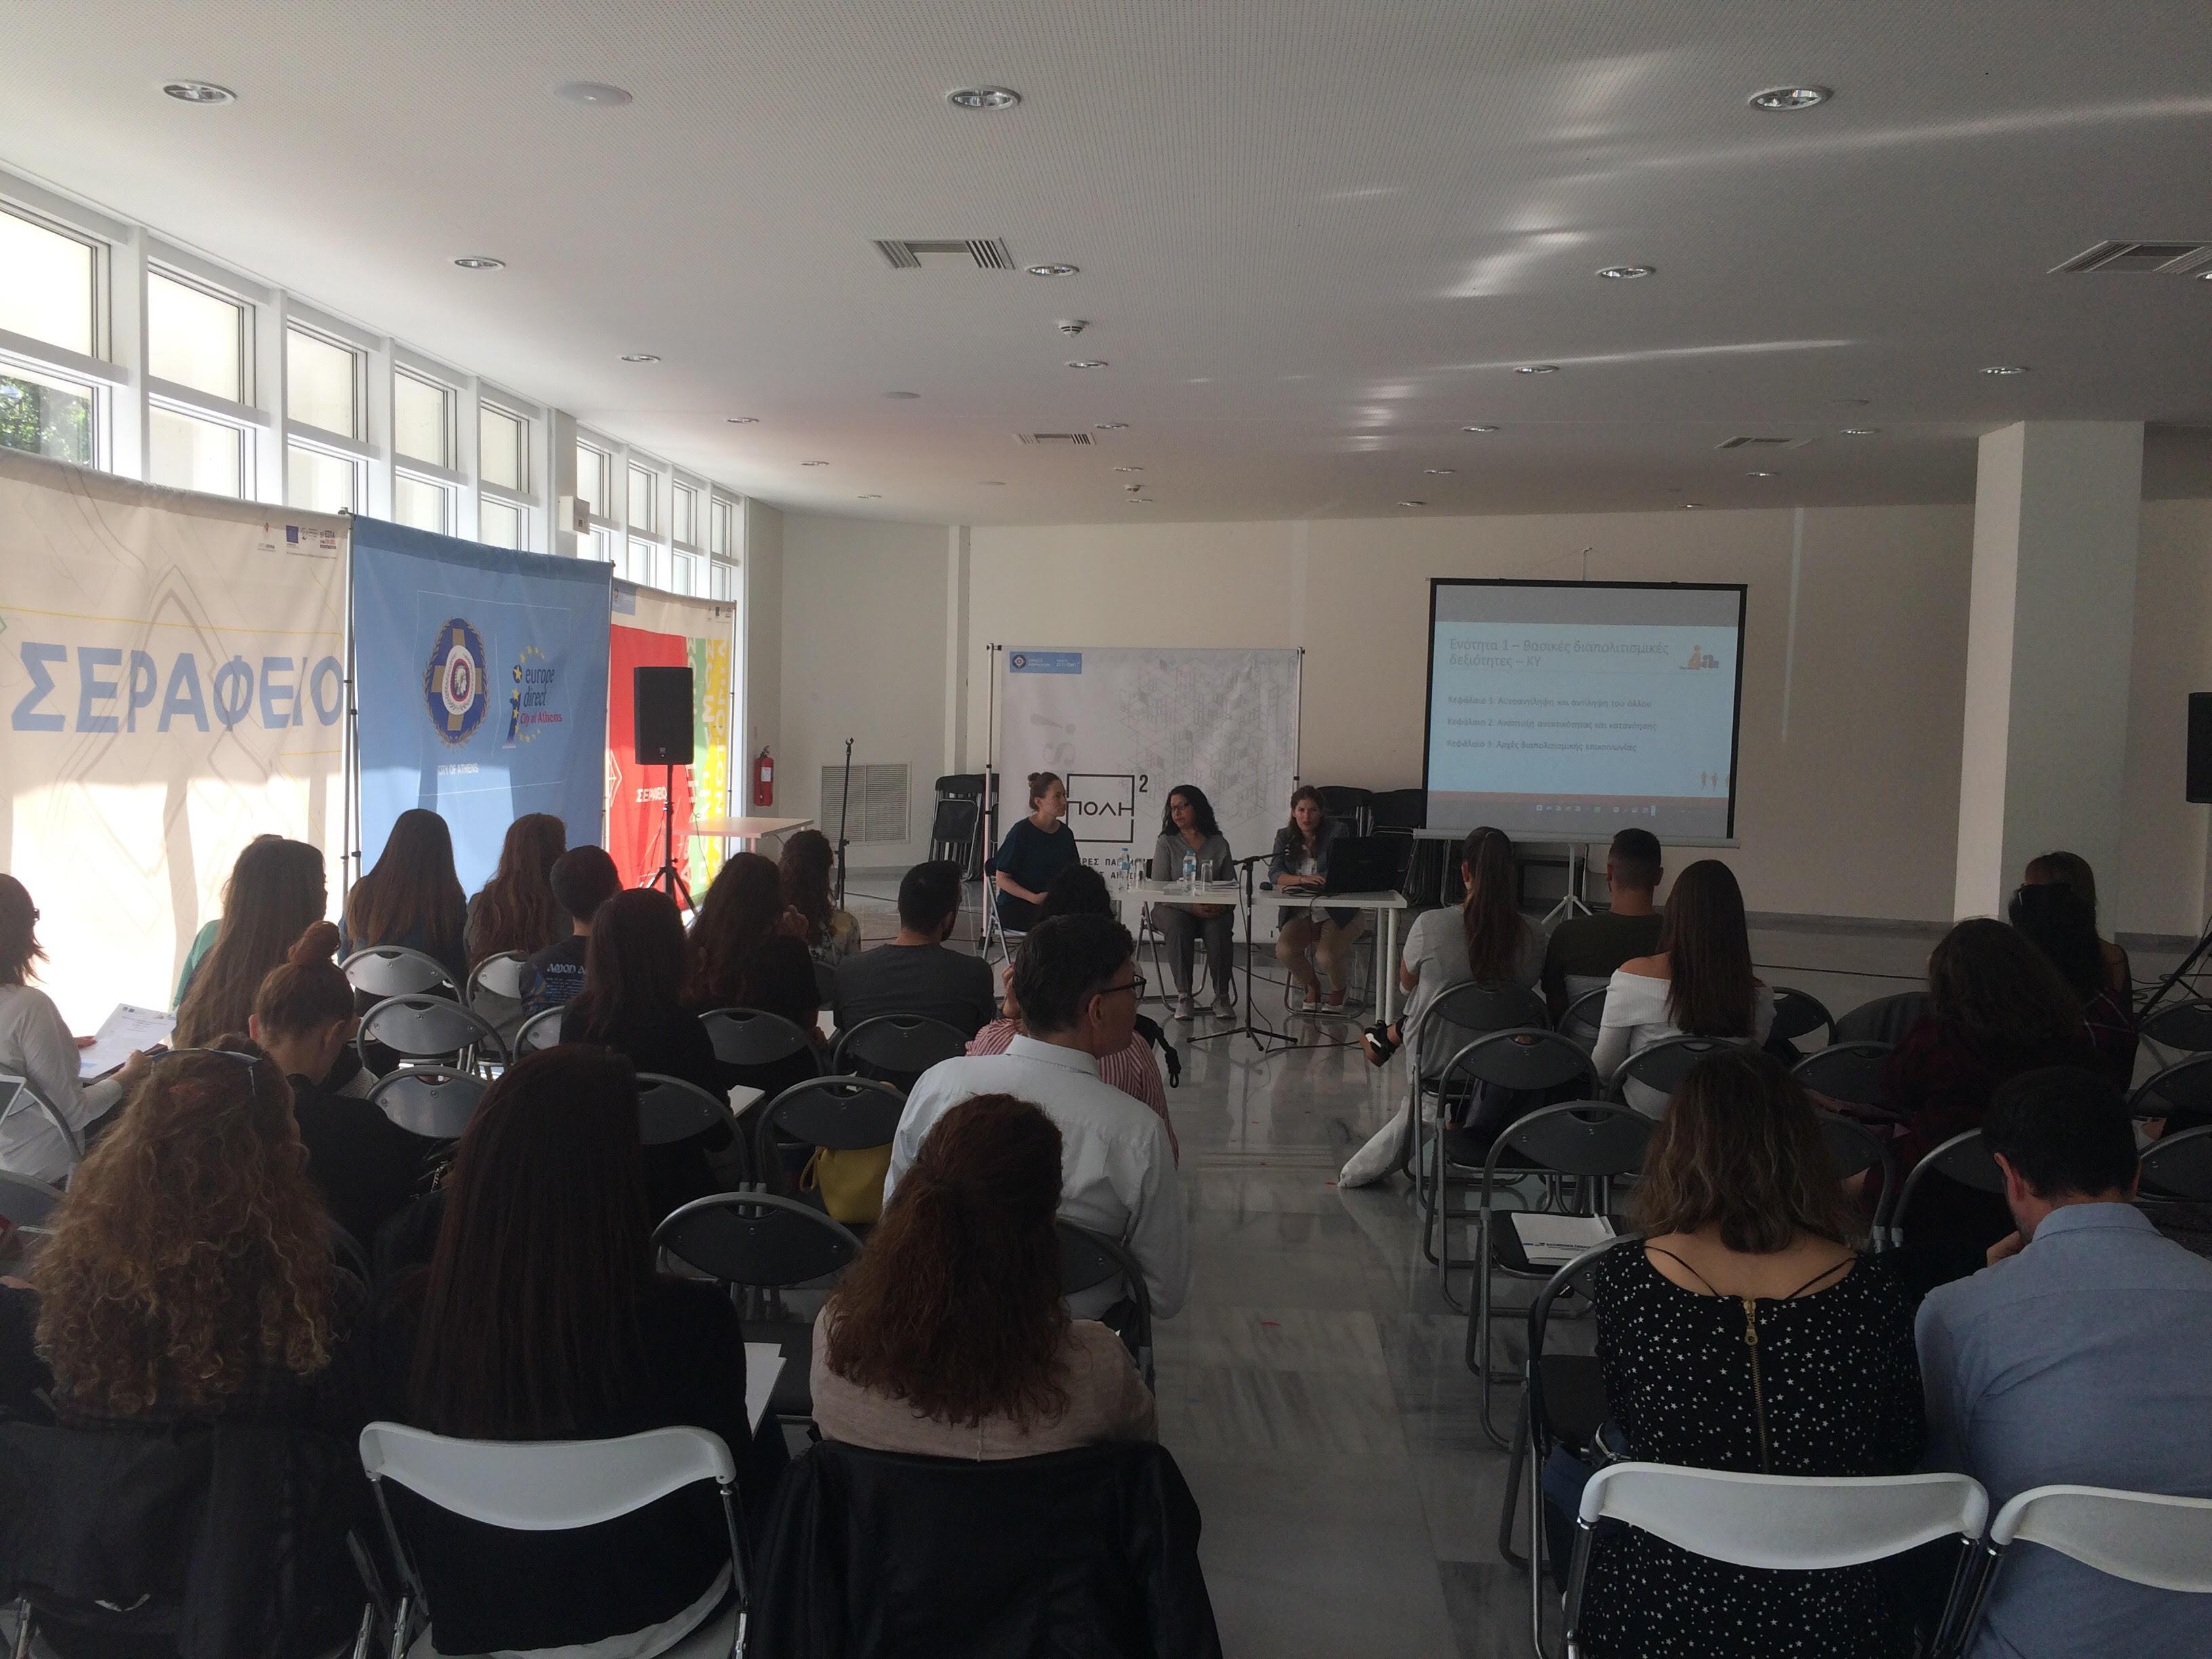 Εκπαίδευση για πρόσφυγες και μετανάστες, Parents for all, στο Σεράφειο